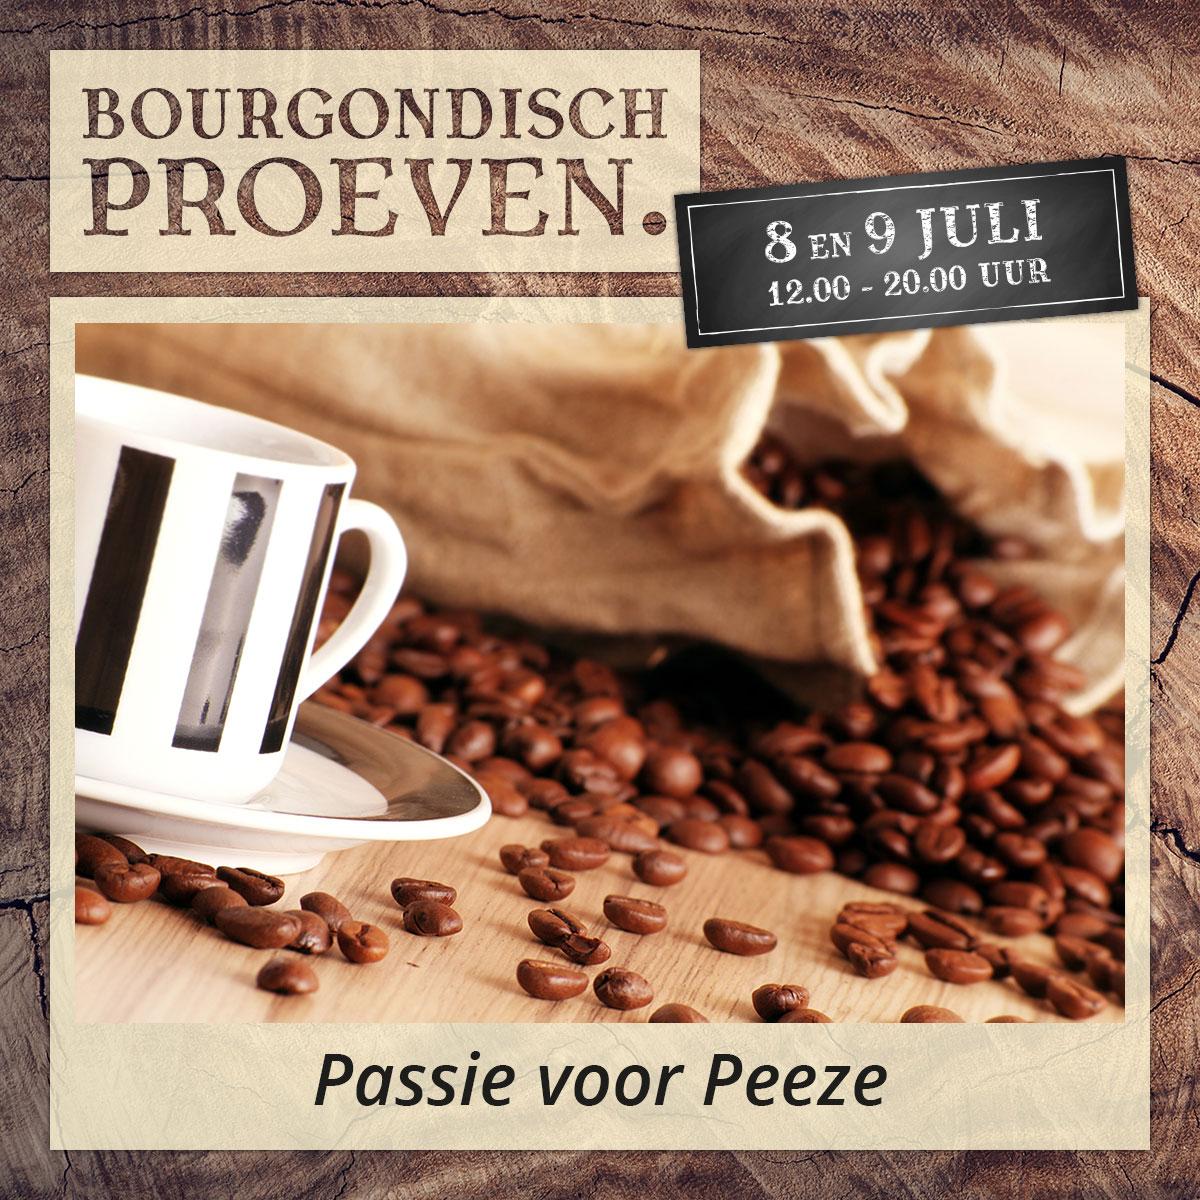 De Bourgondiër – Bourgondisch Proeven. – Facebookbericht – Passie-voor-Peeze